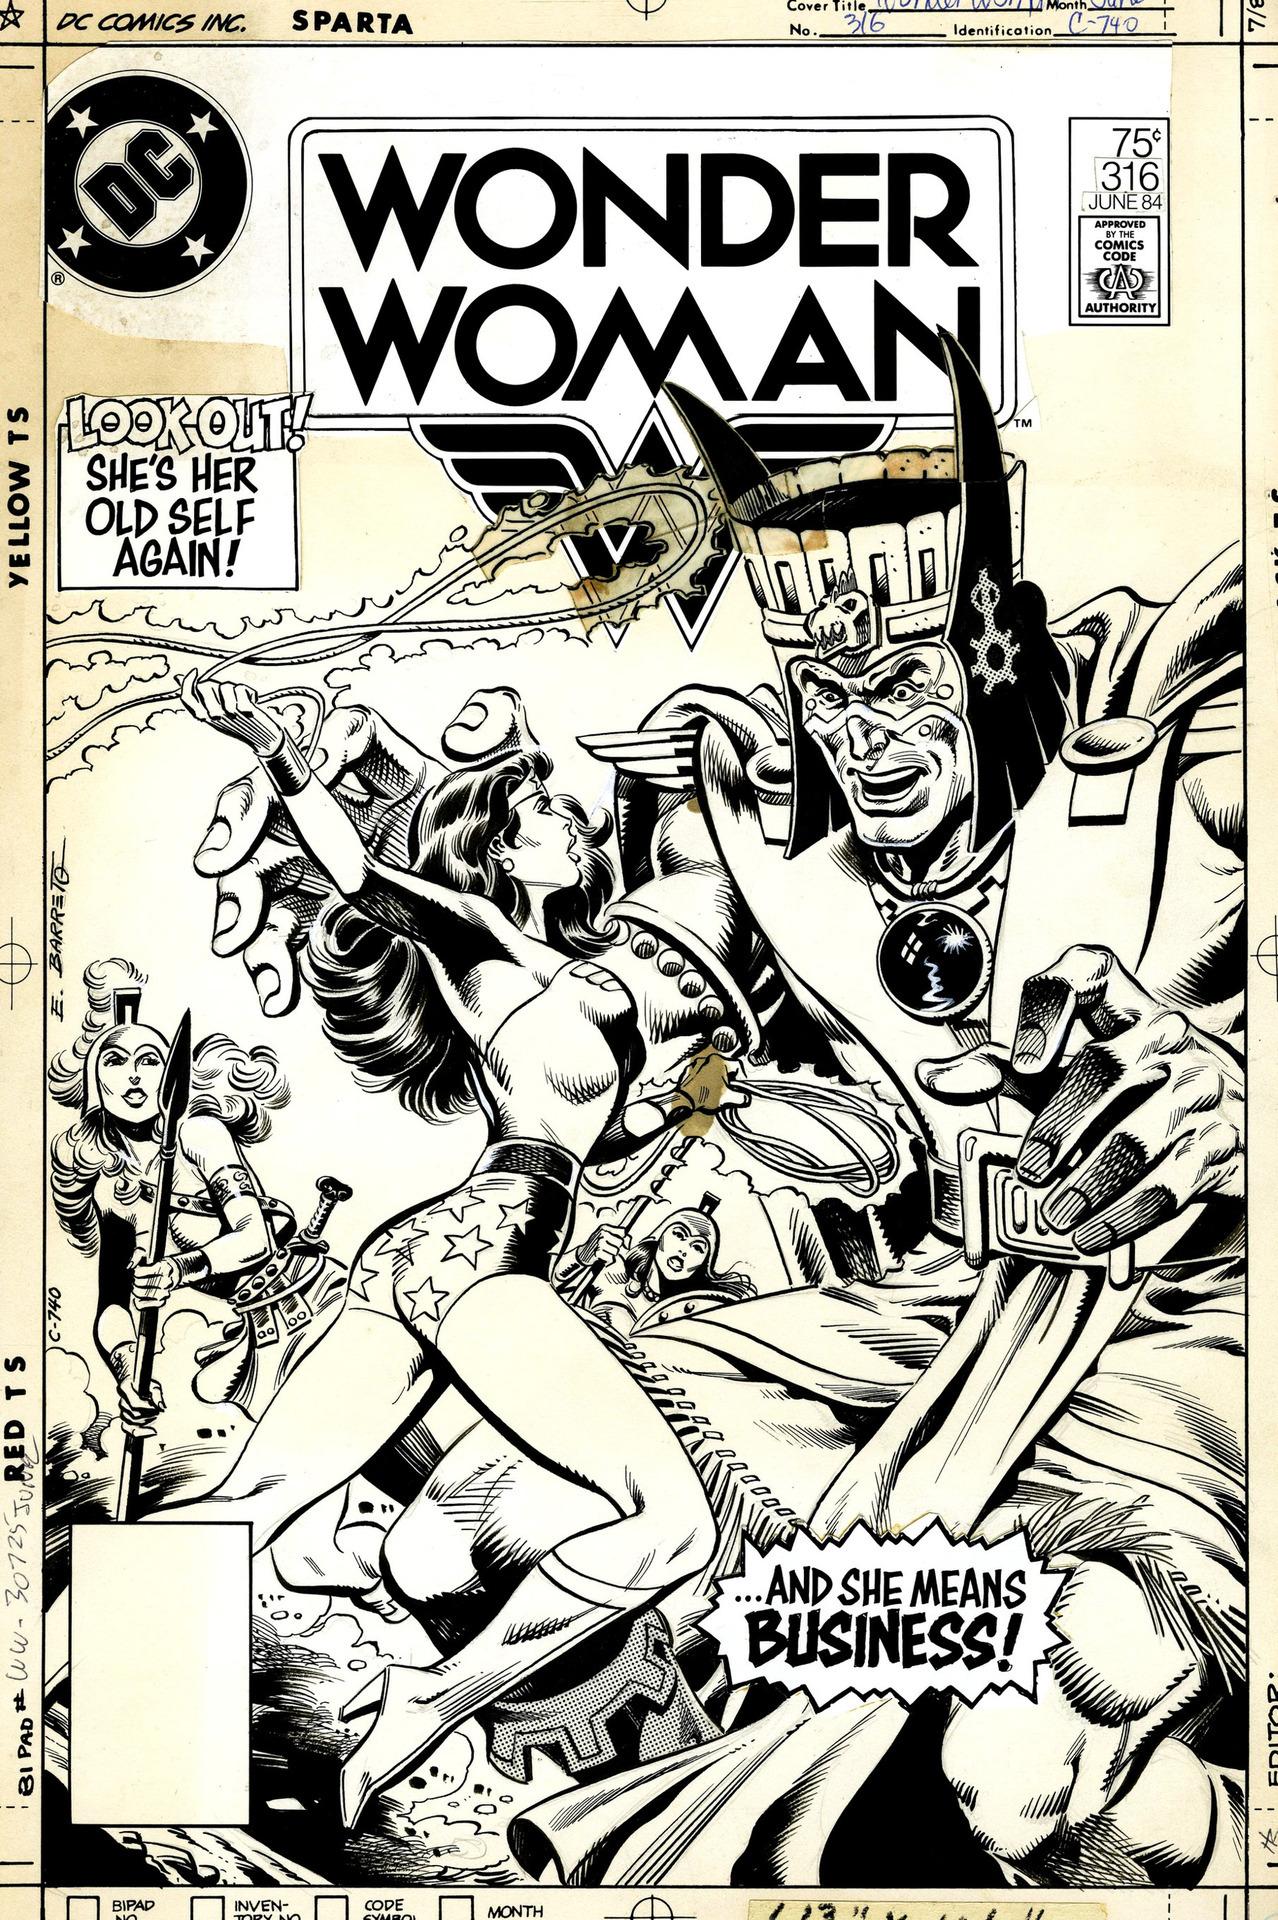 Original cover by Eduardo Barreto, Wonder Woman #316, 1984